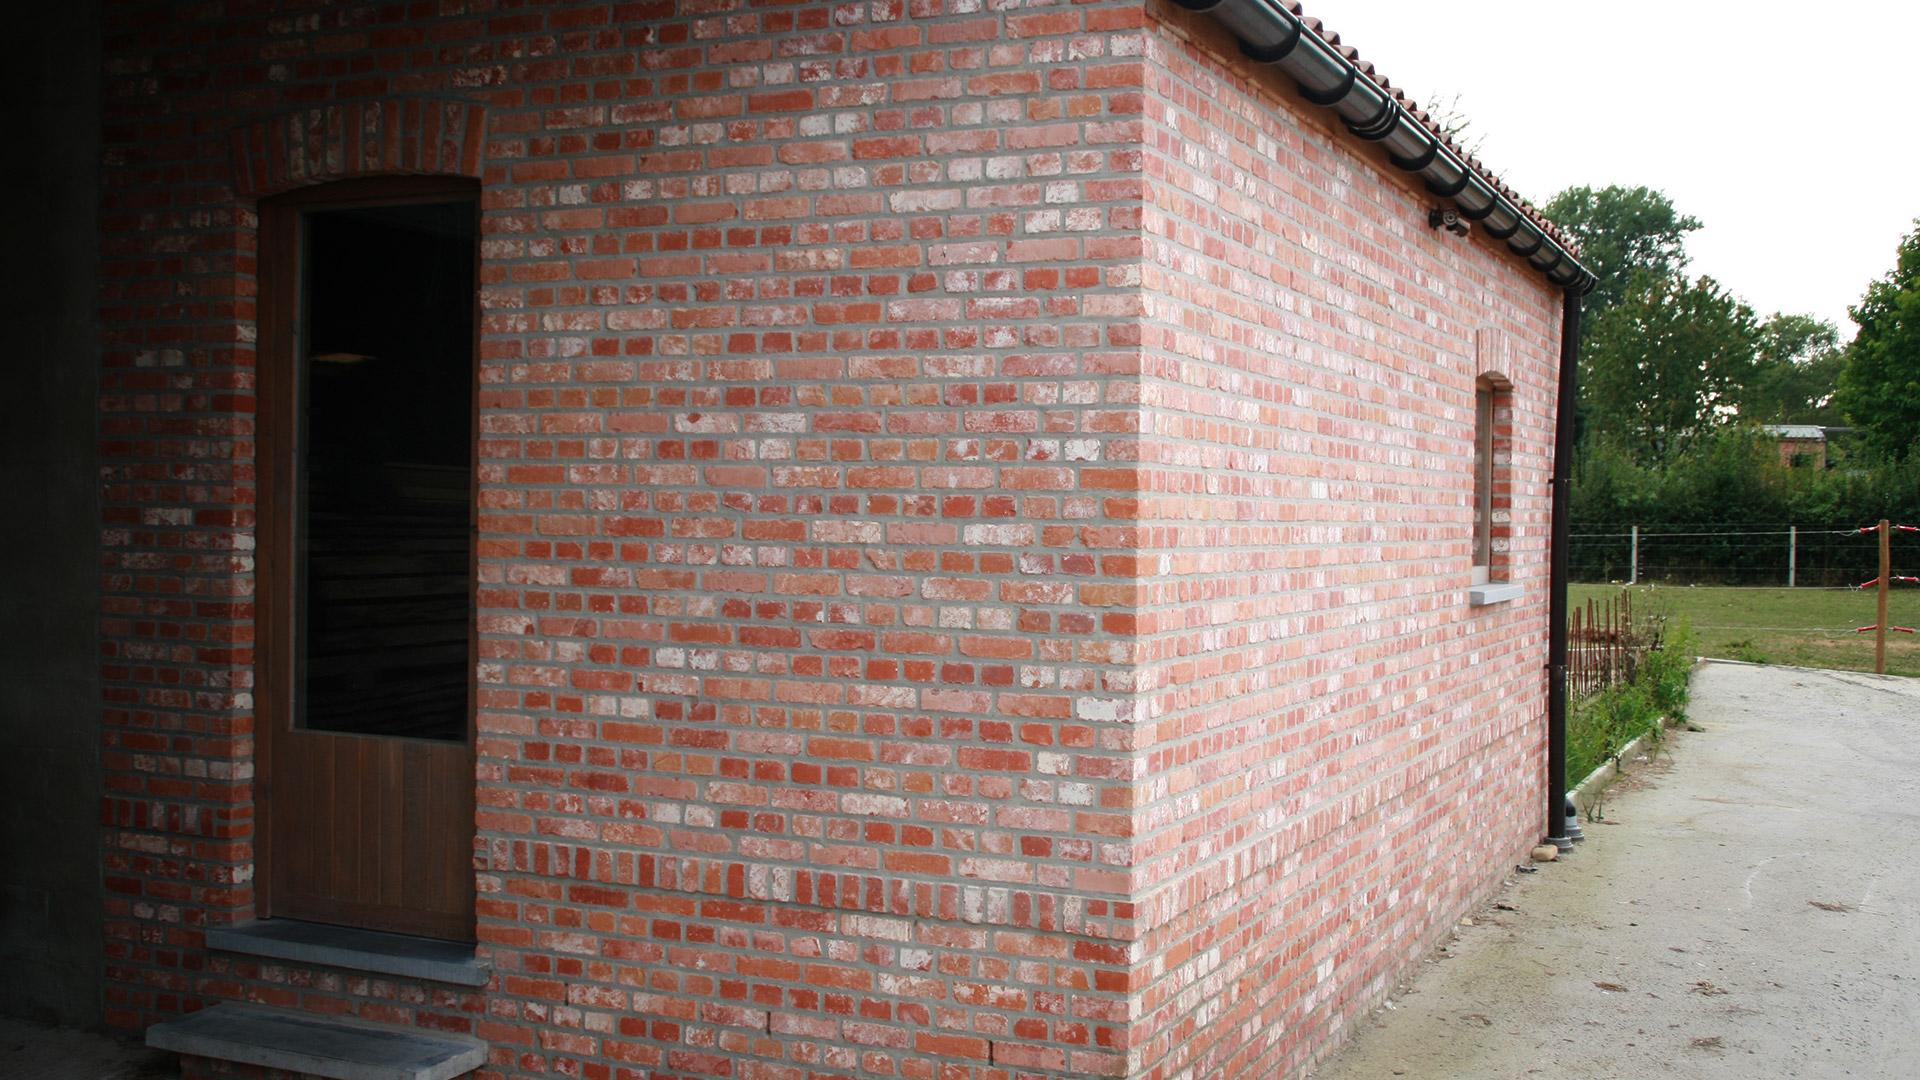 Stallenbouw - paardenstellen bouwenn - zwalm - bouwbedrijf